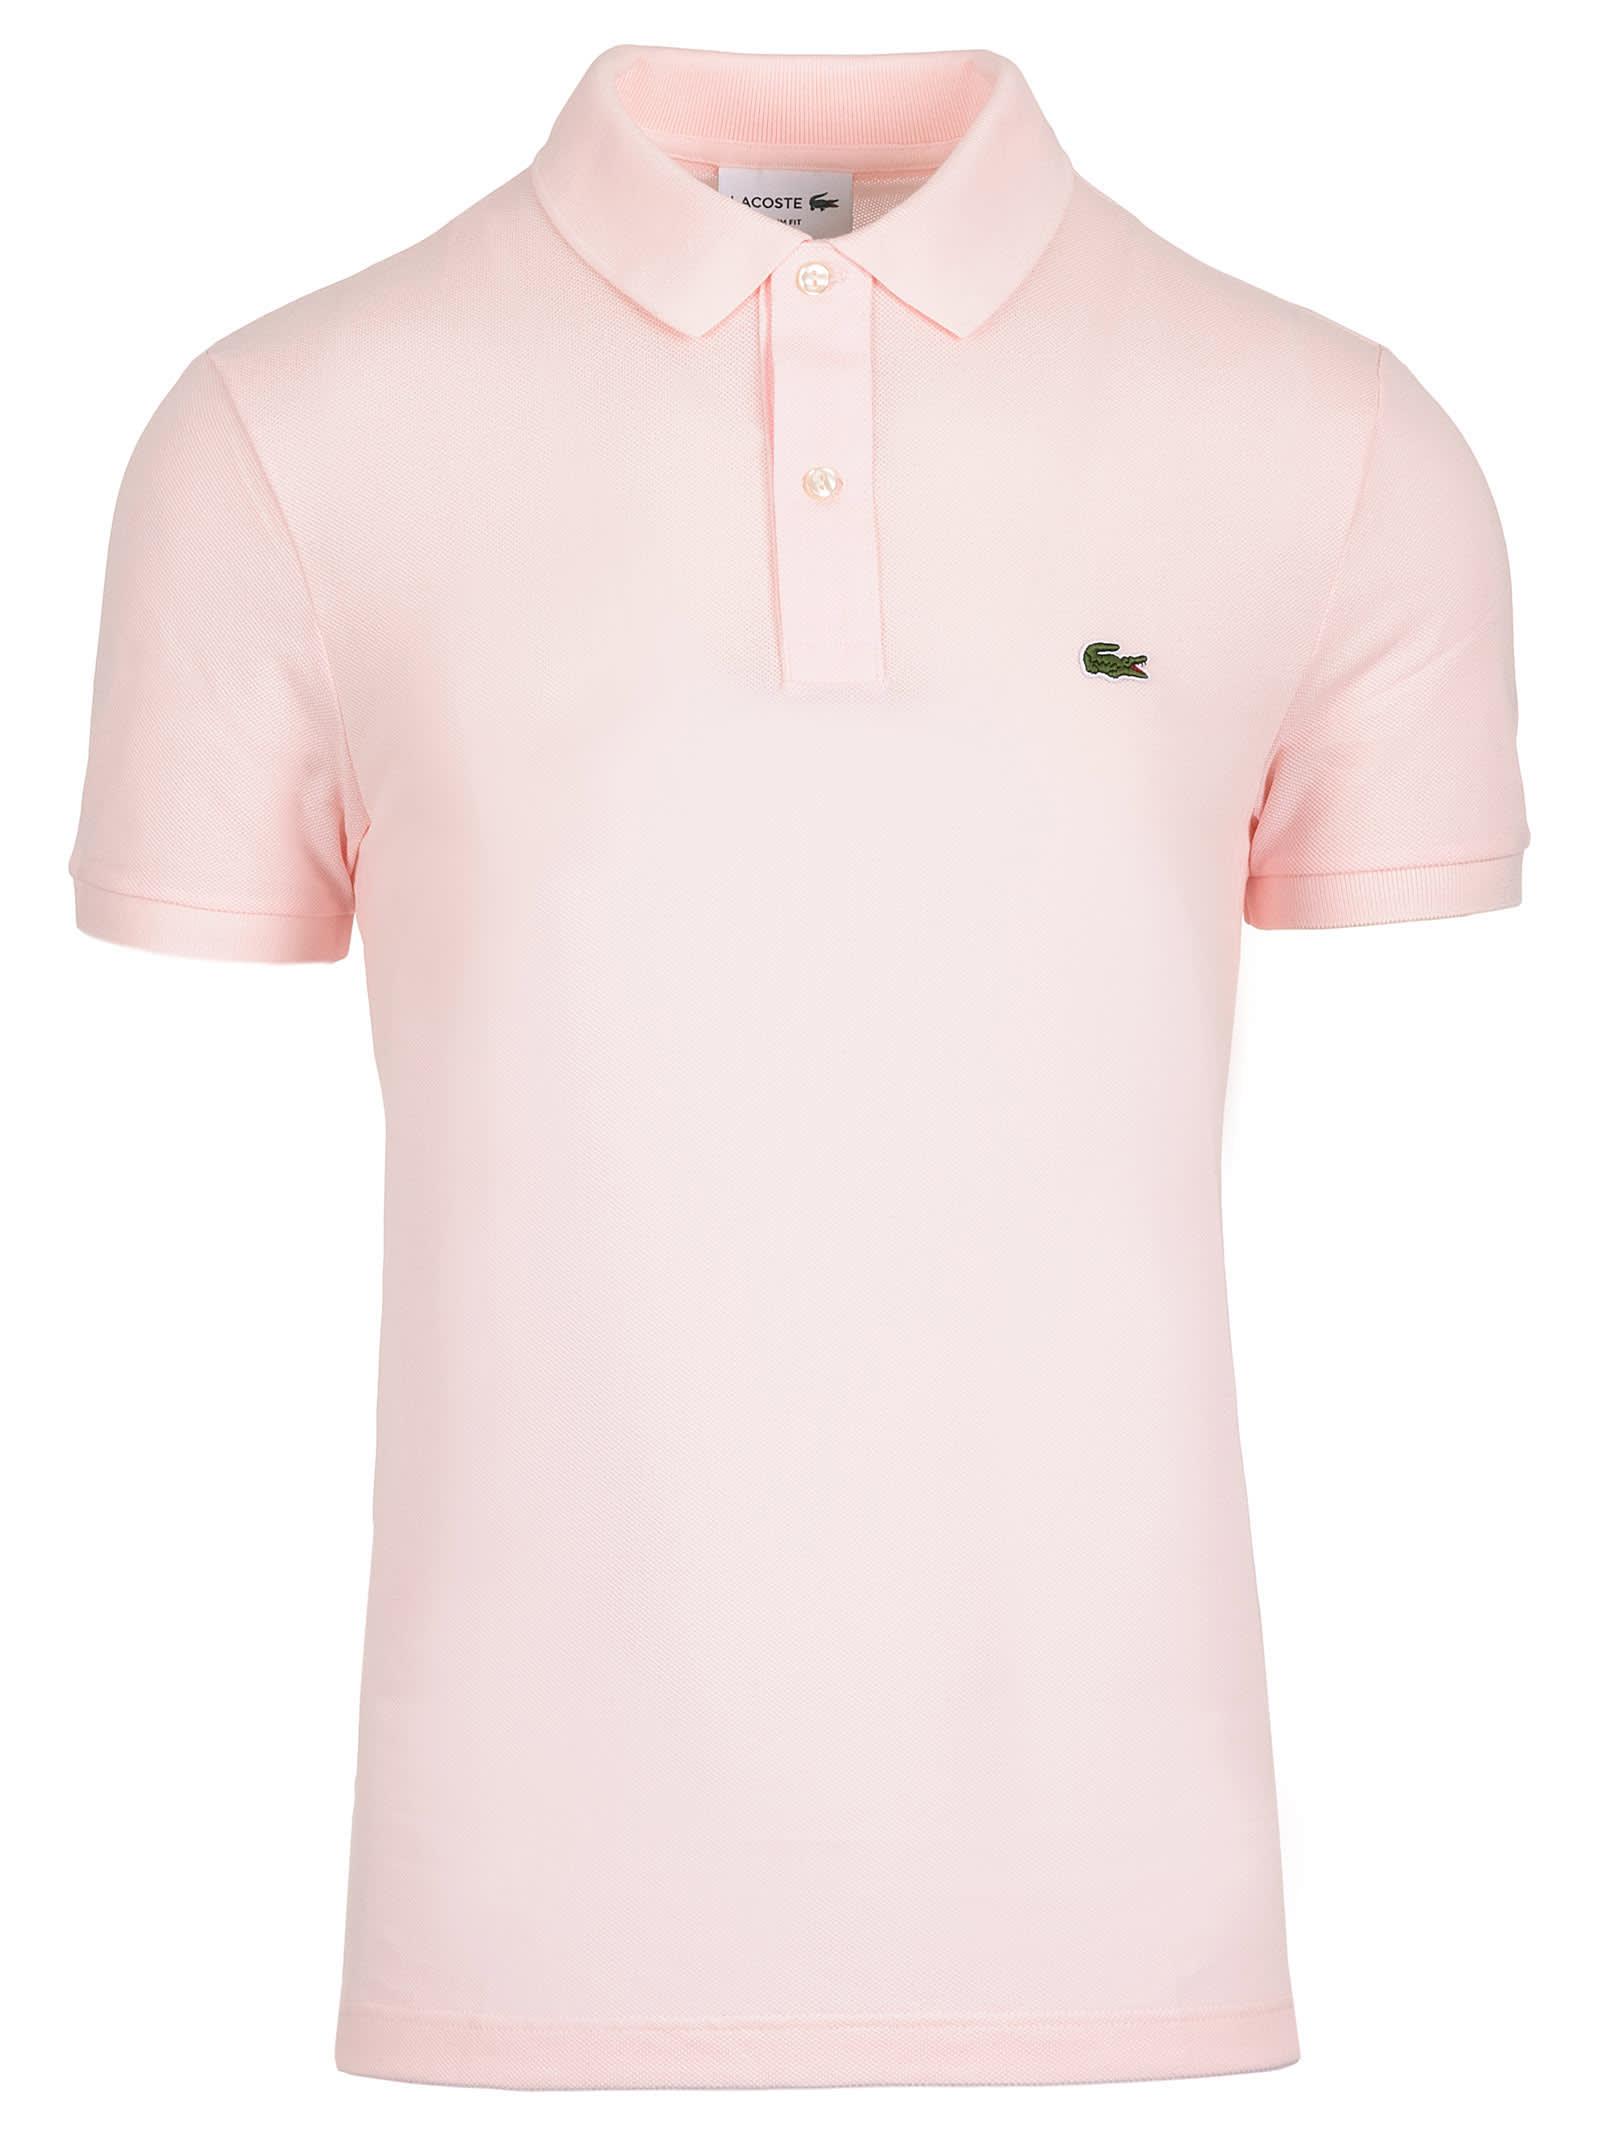 newest 95dc0 08fa4 Lacoste Cotton Polo